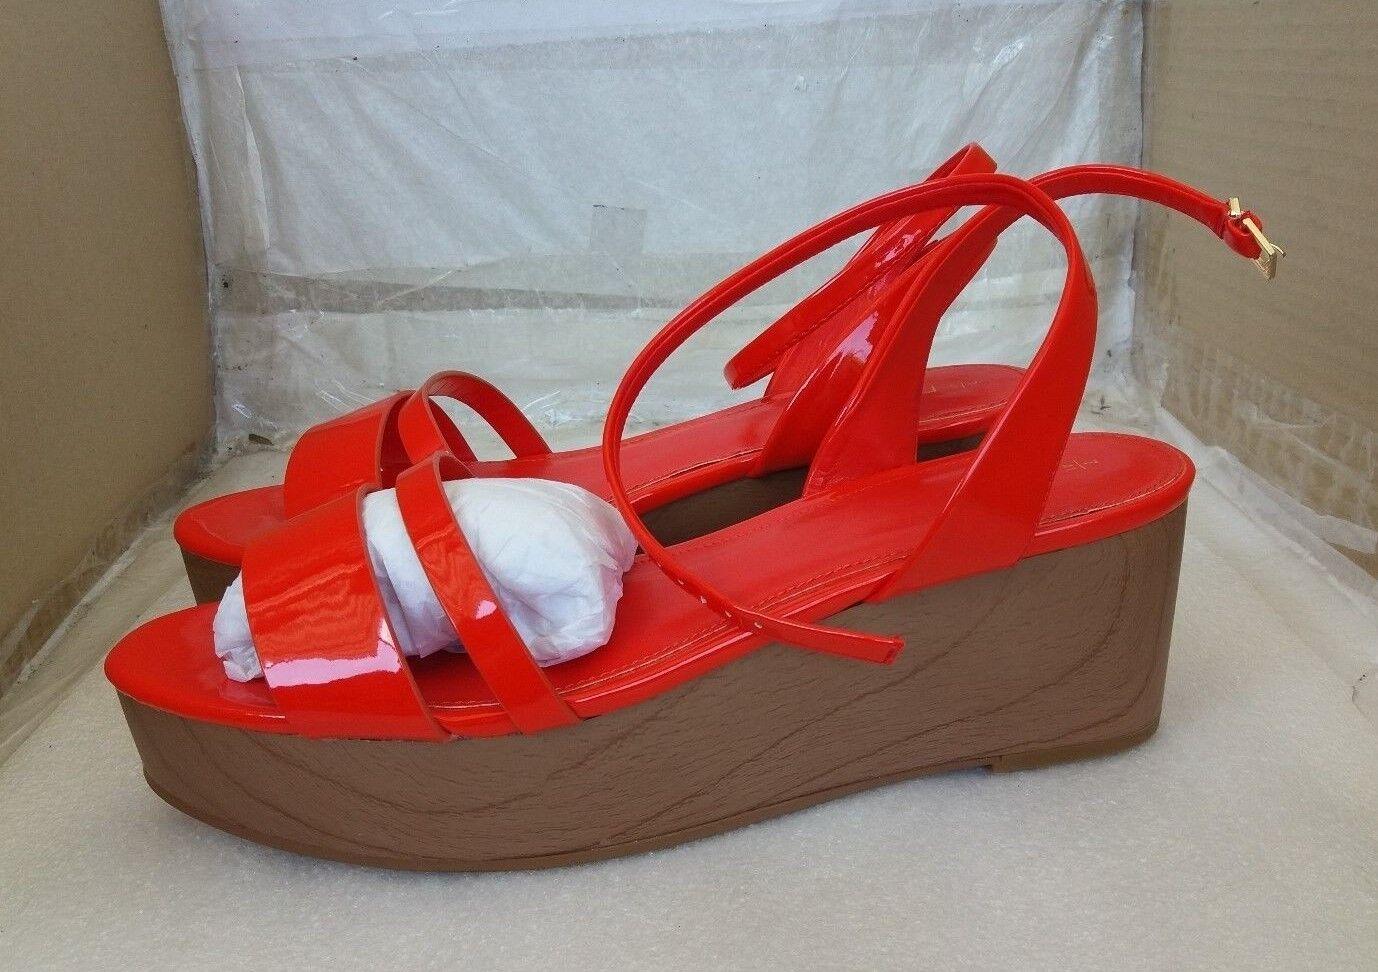 NEXT Stylish Summer Wedge Sandales - Patent Orange - UK 7/EU 41